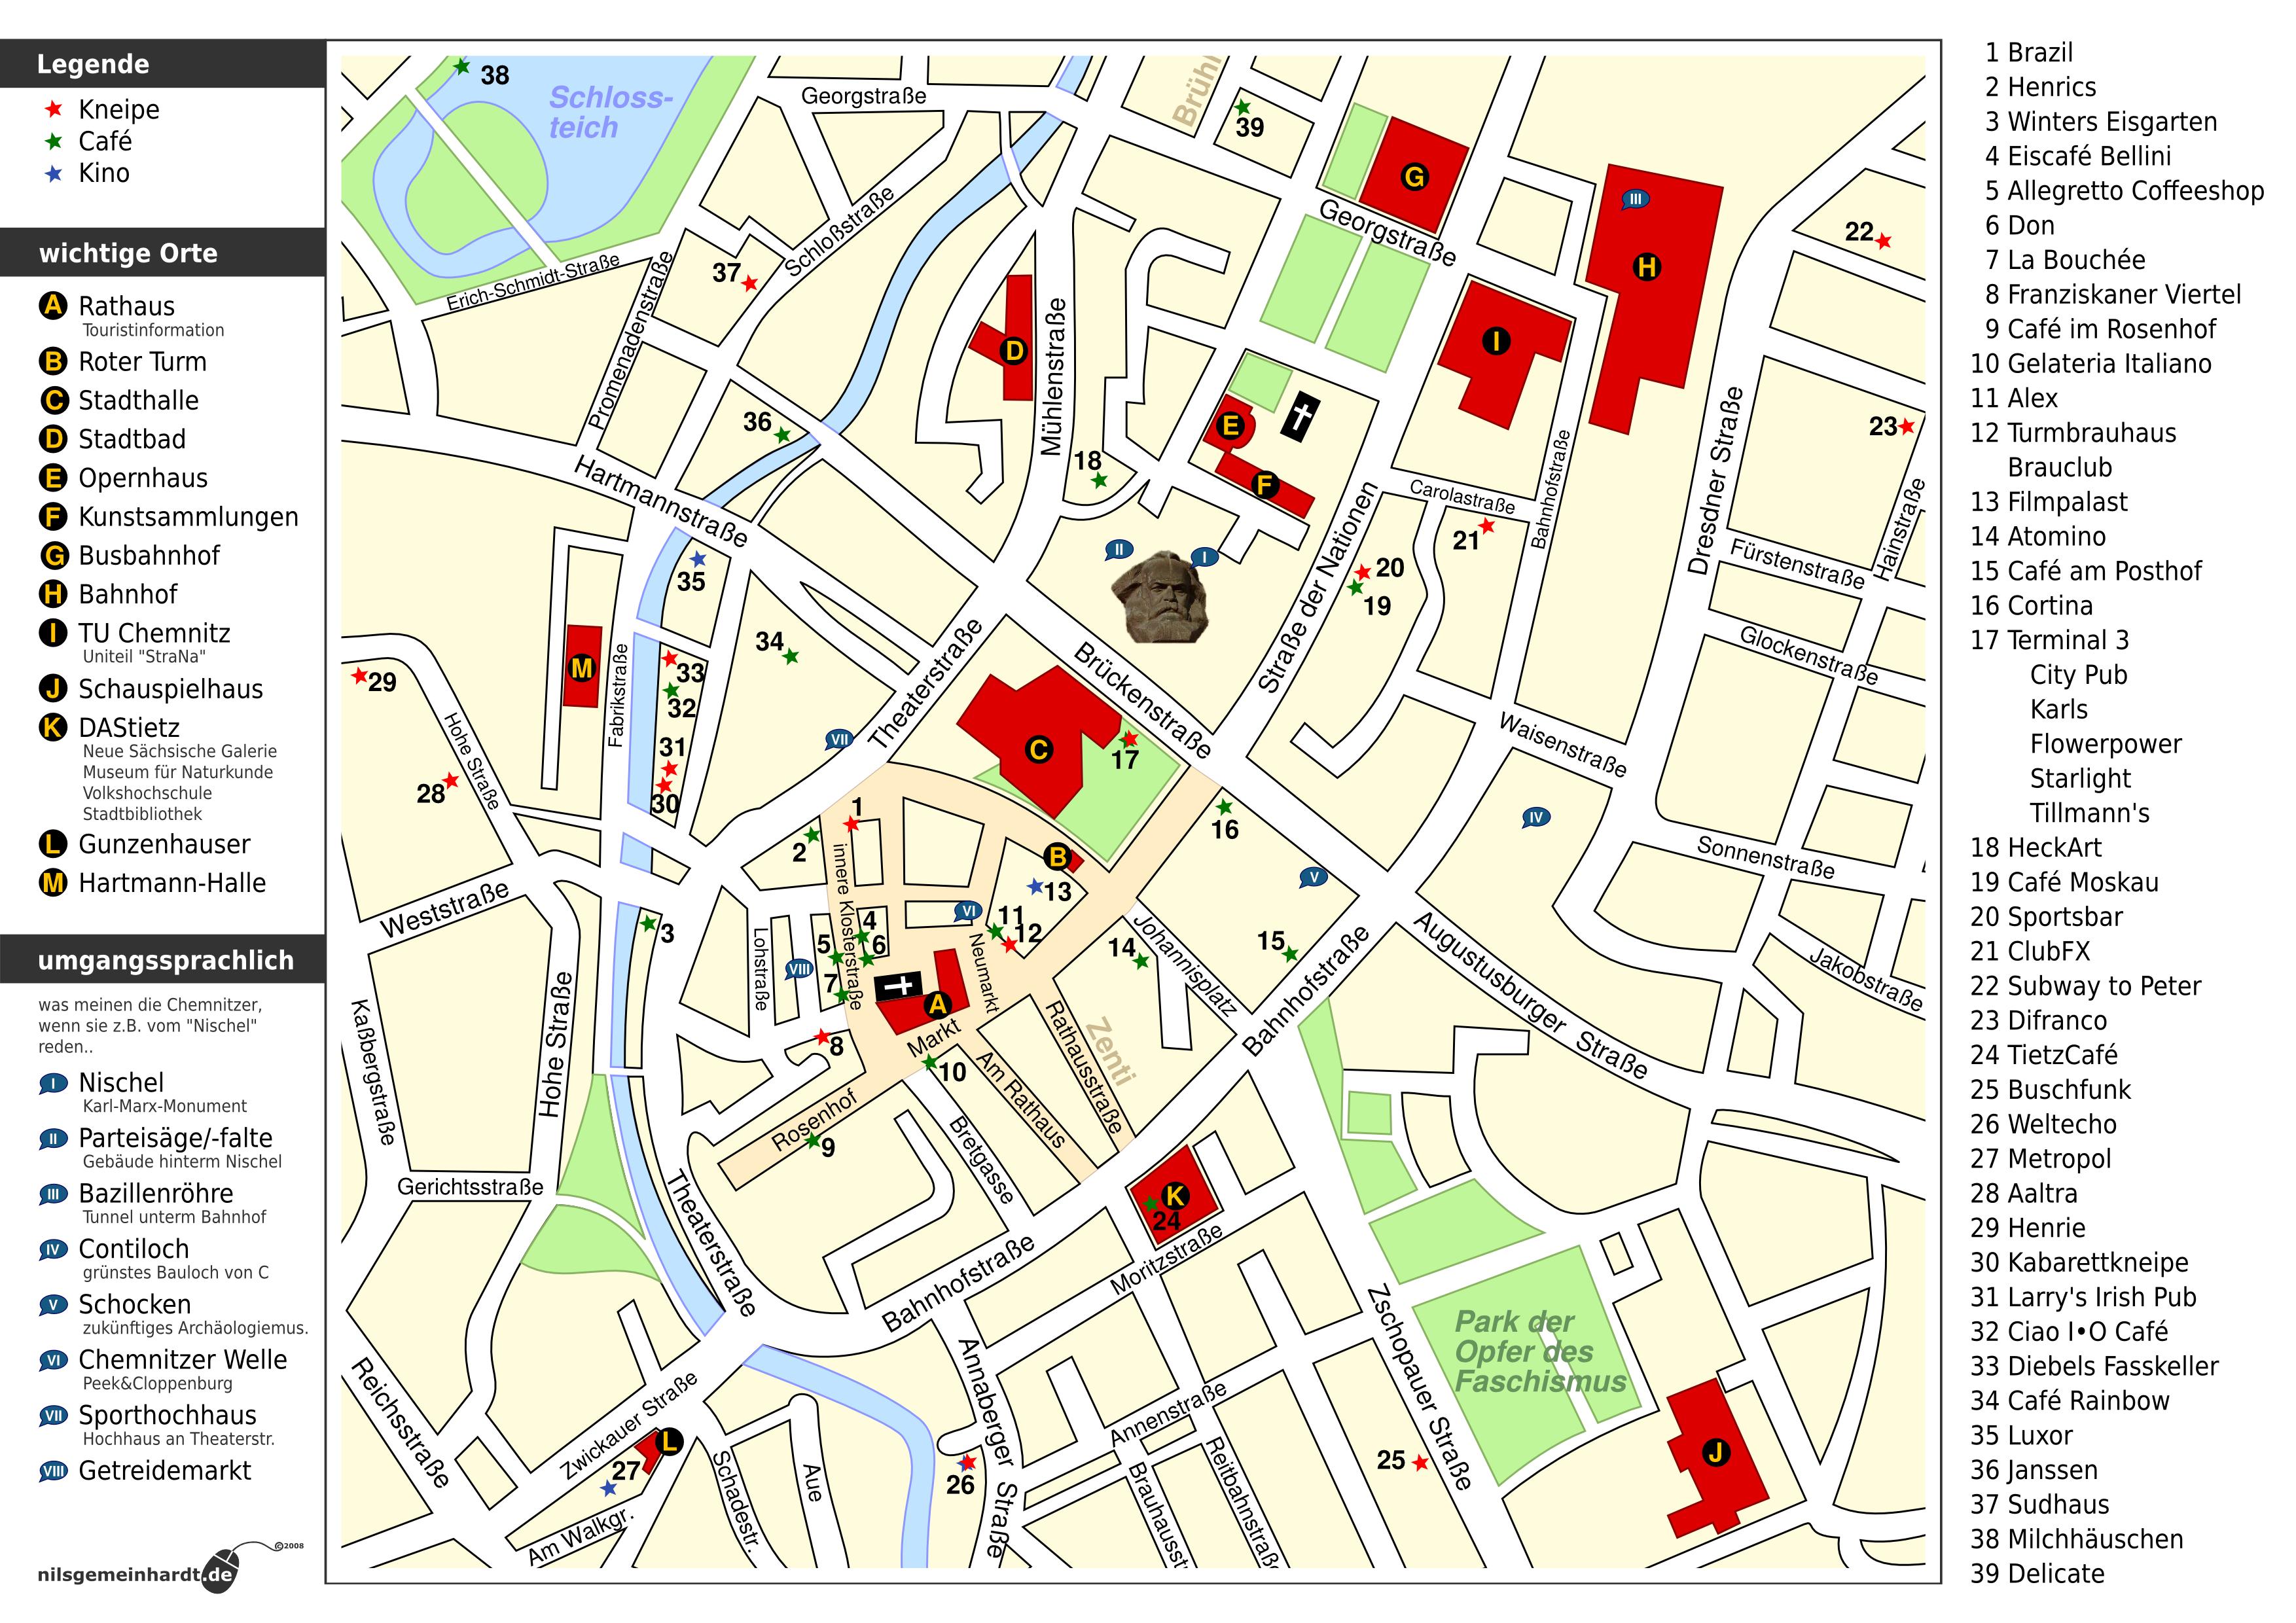 Chemnitz Karte.Mit Kneipenkarte Durch Chemnitz Studieren In Chemnitz